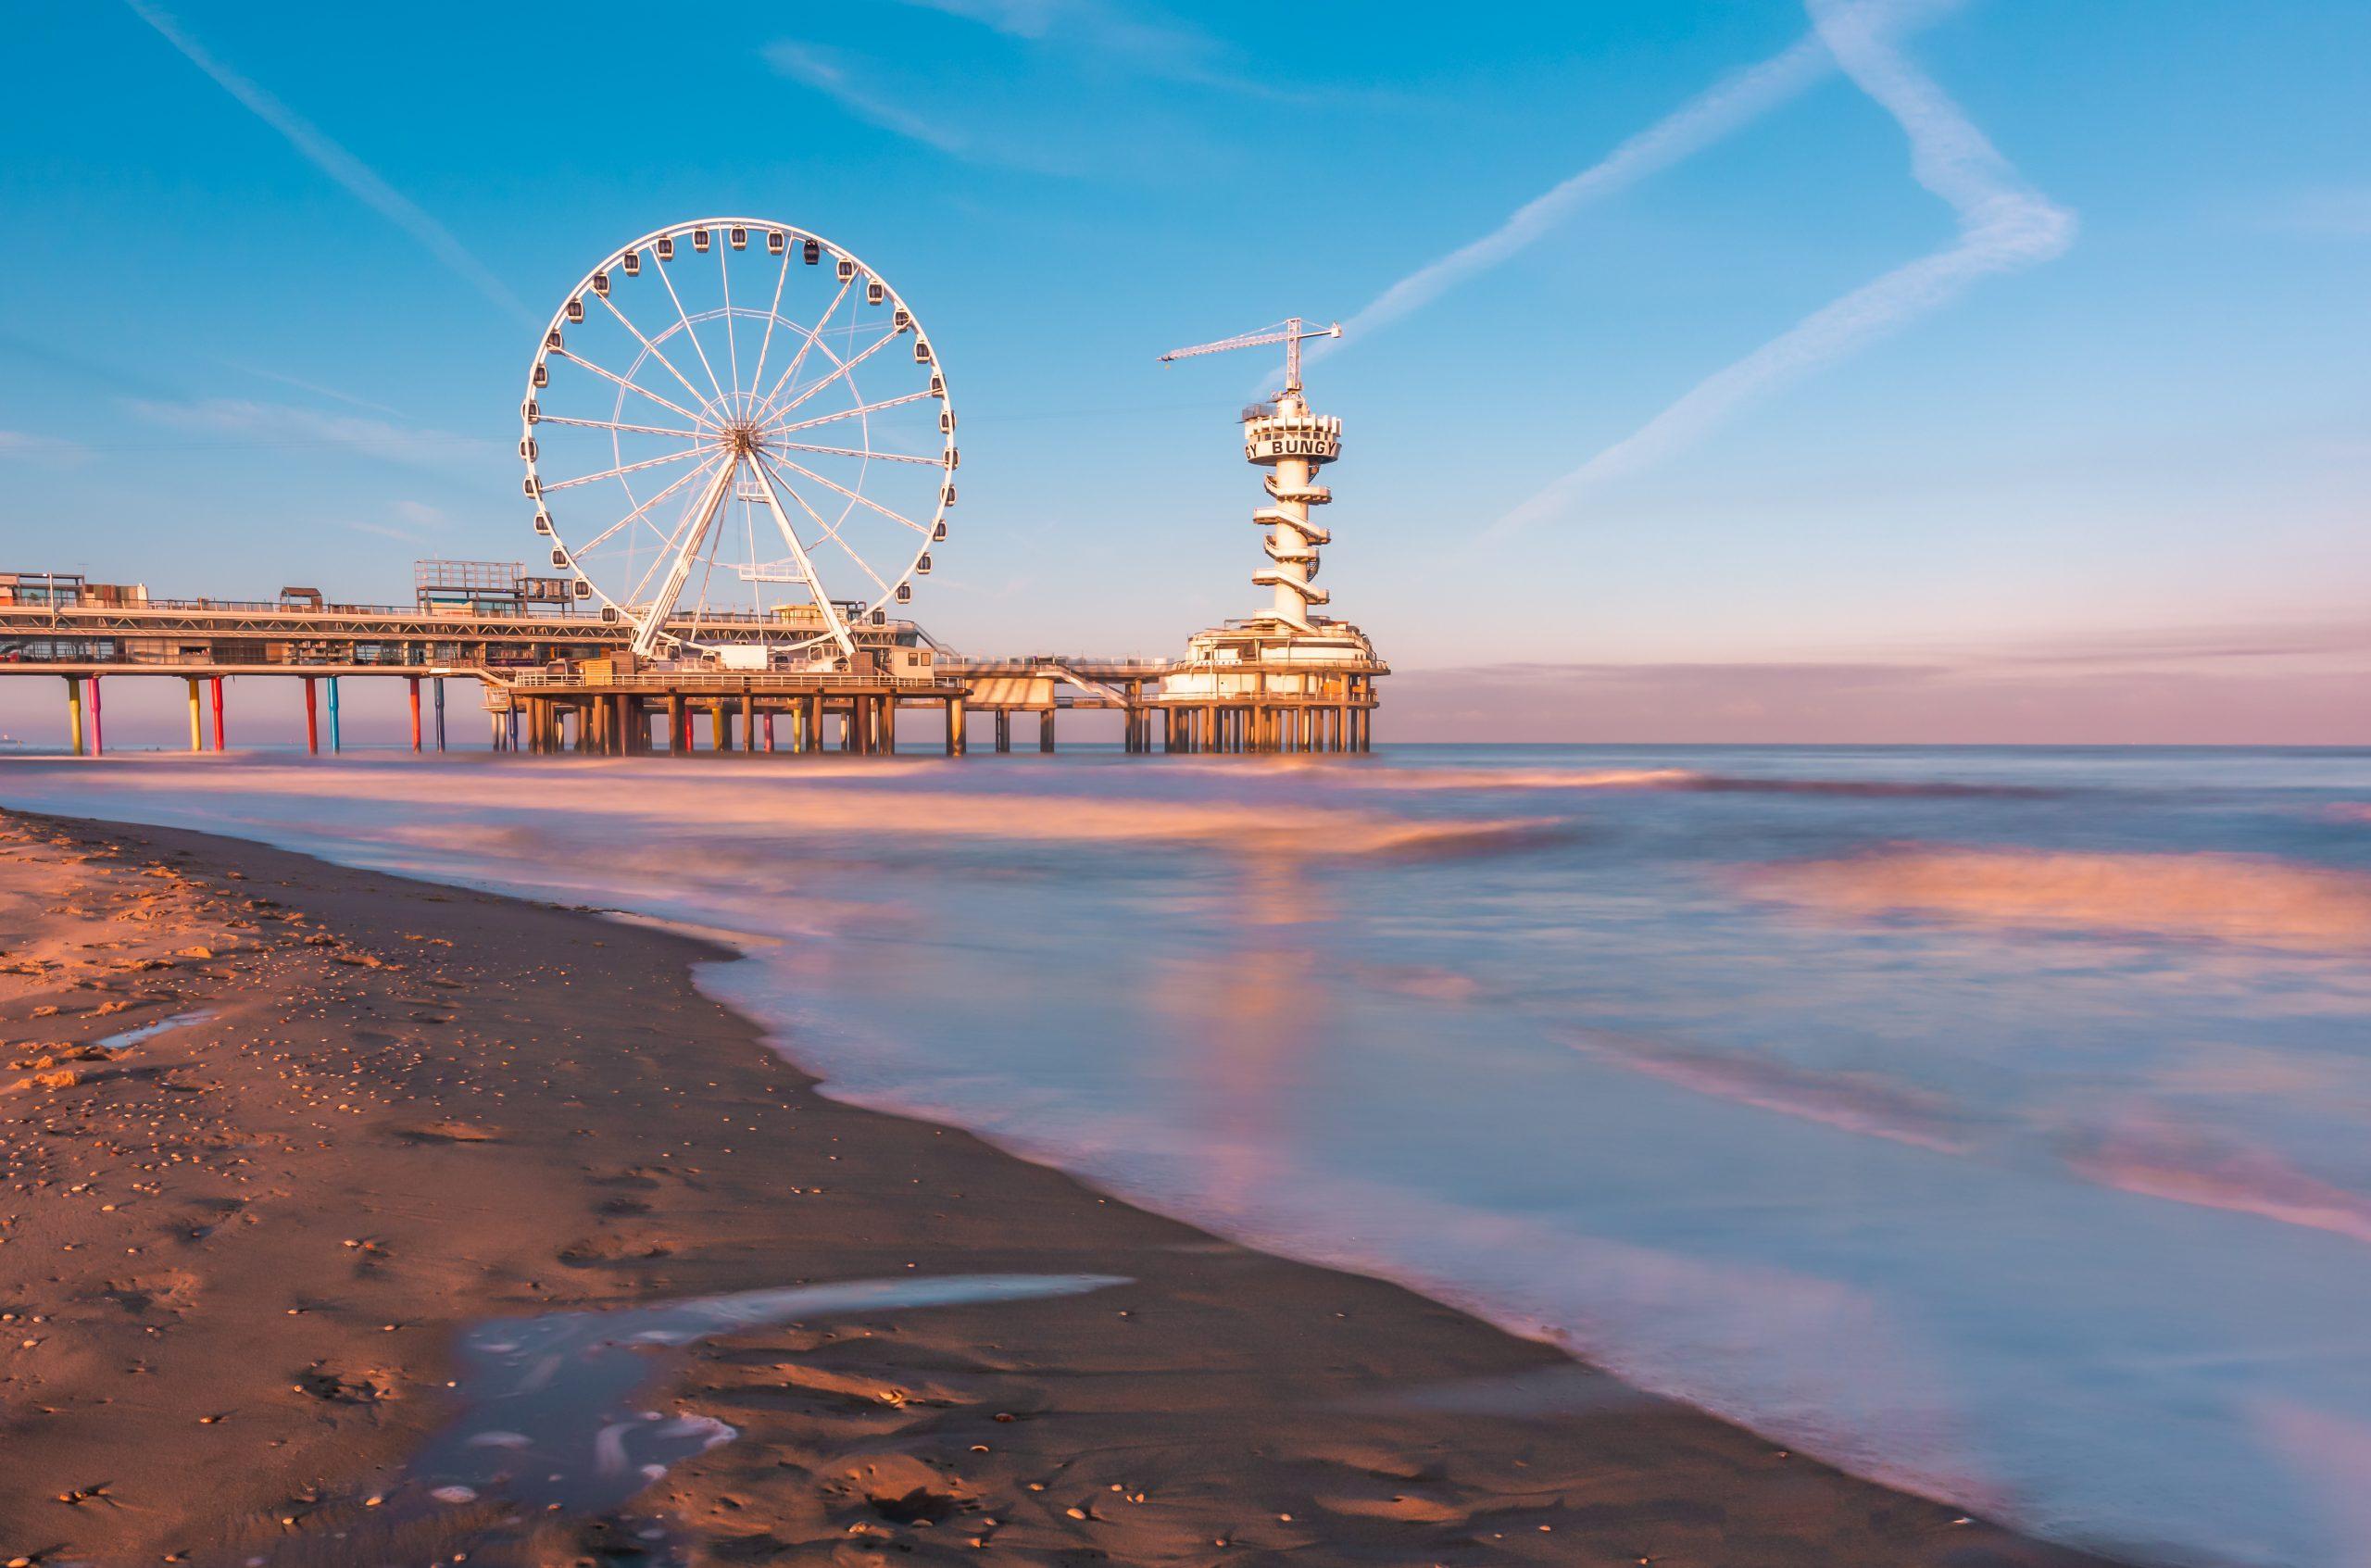 Een zonsopkomst aan de Pier van Scheveningen